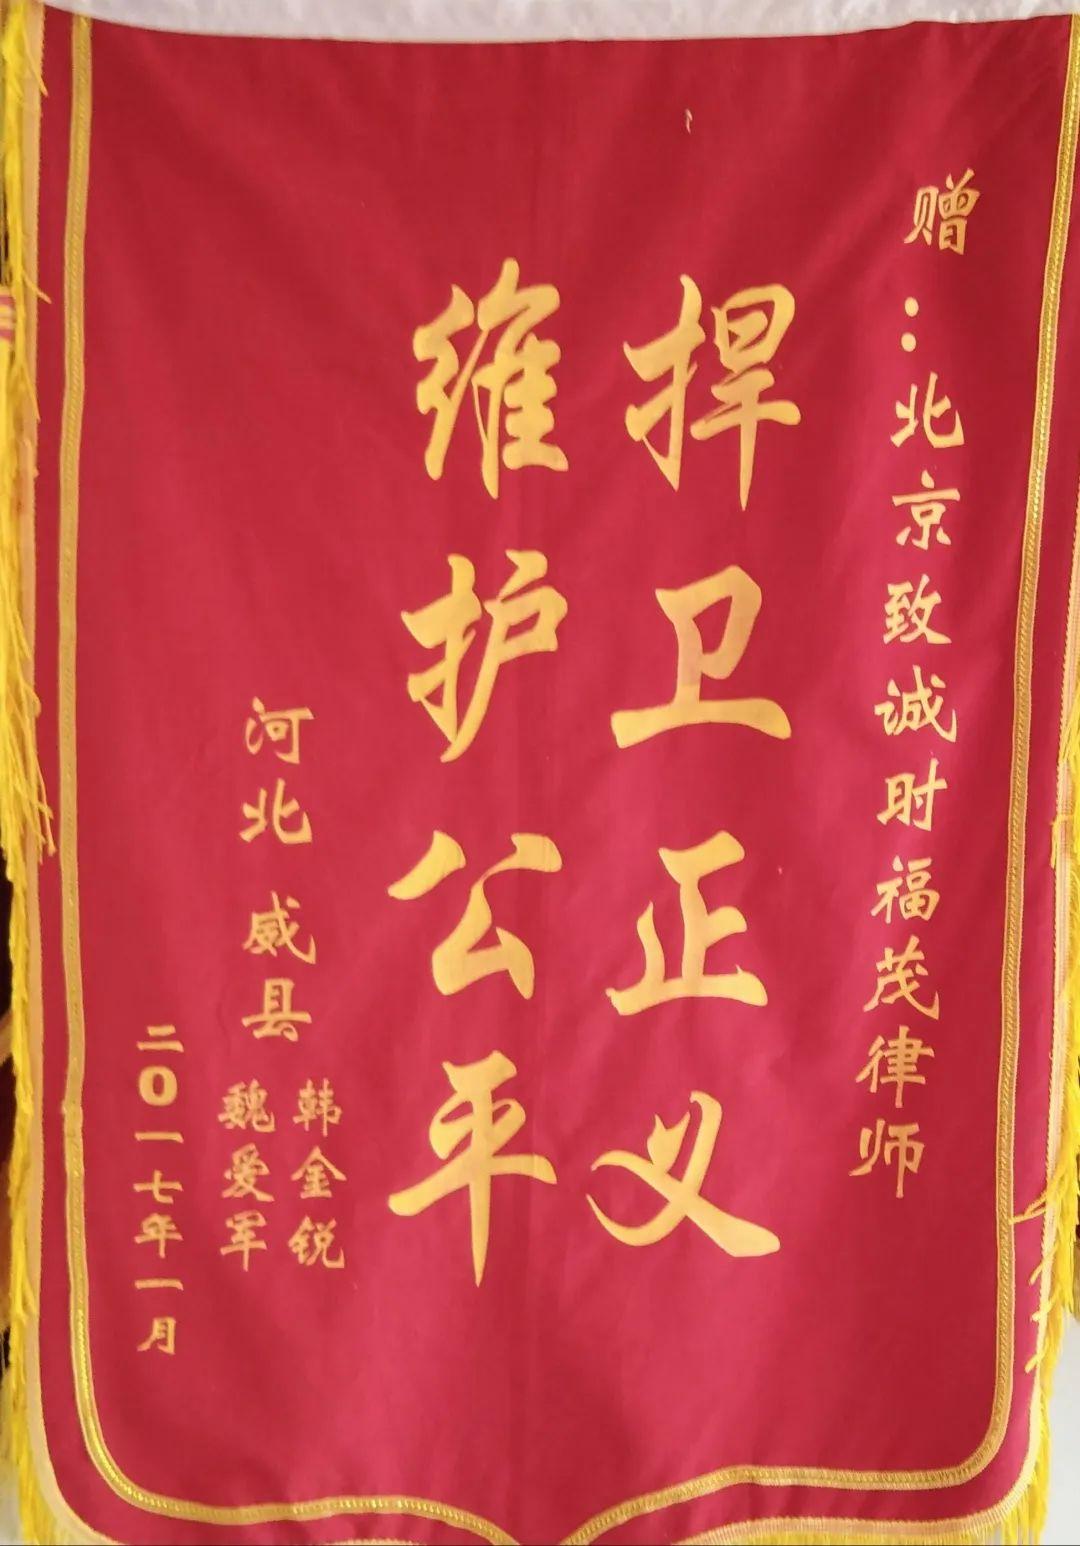 锦旗背后的故事(四)